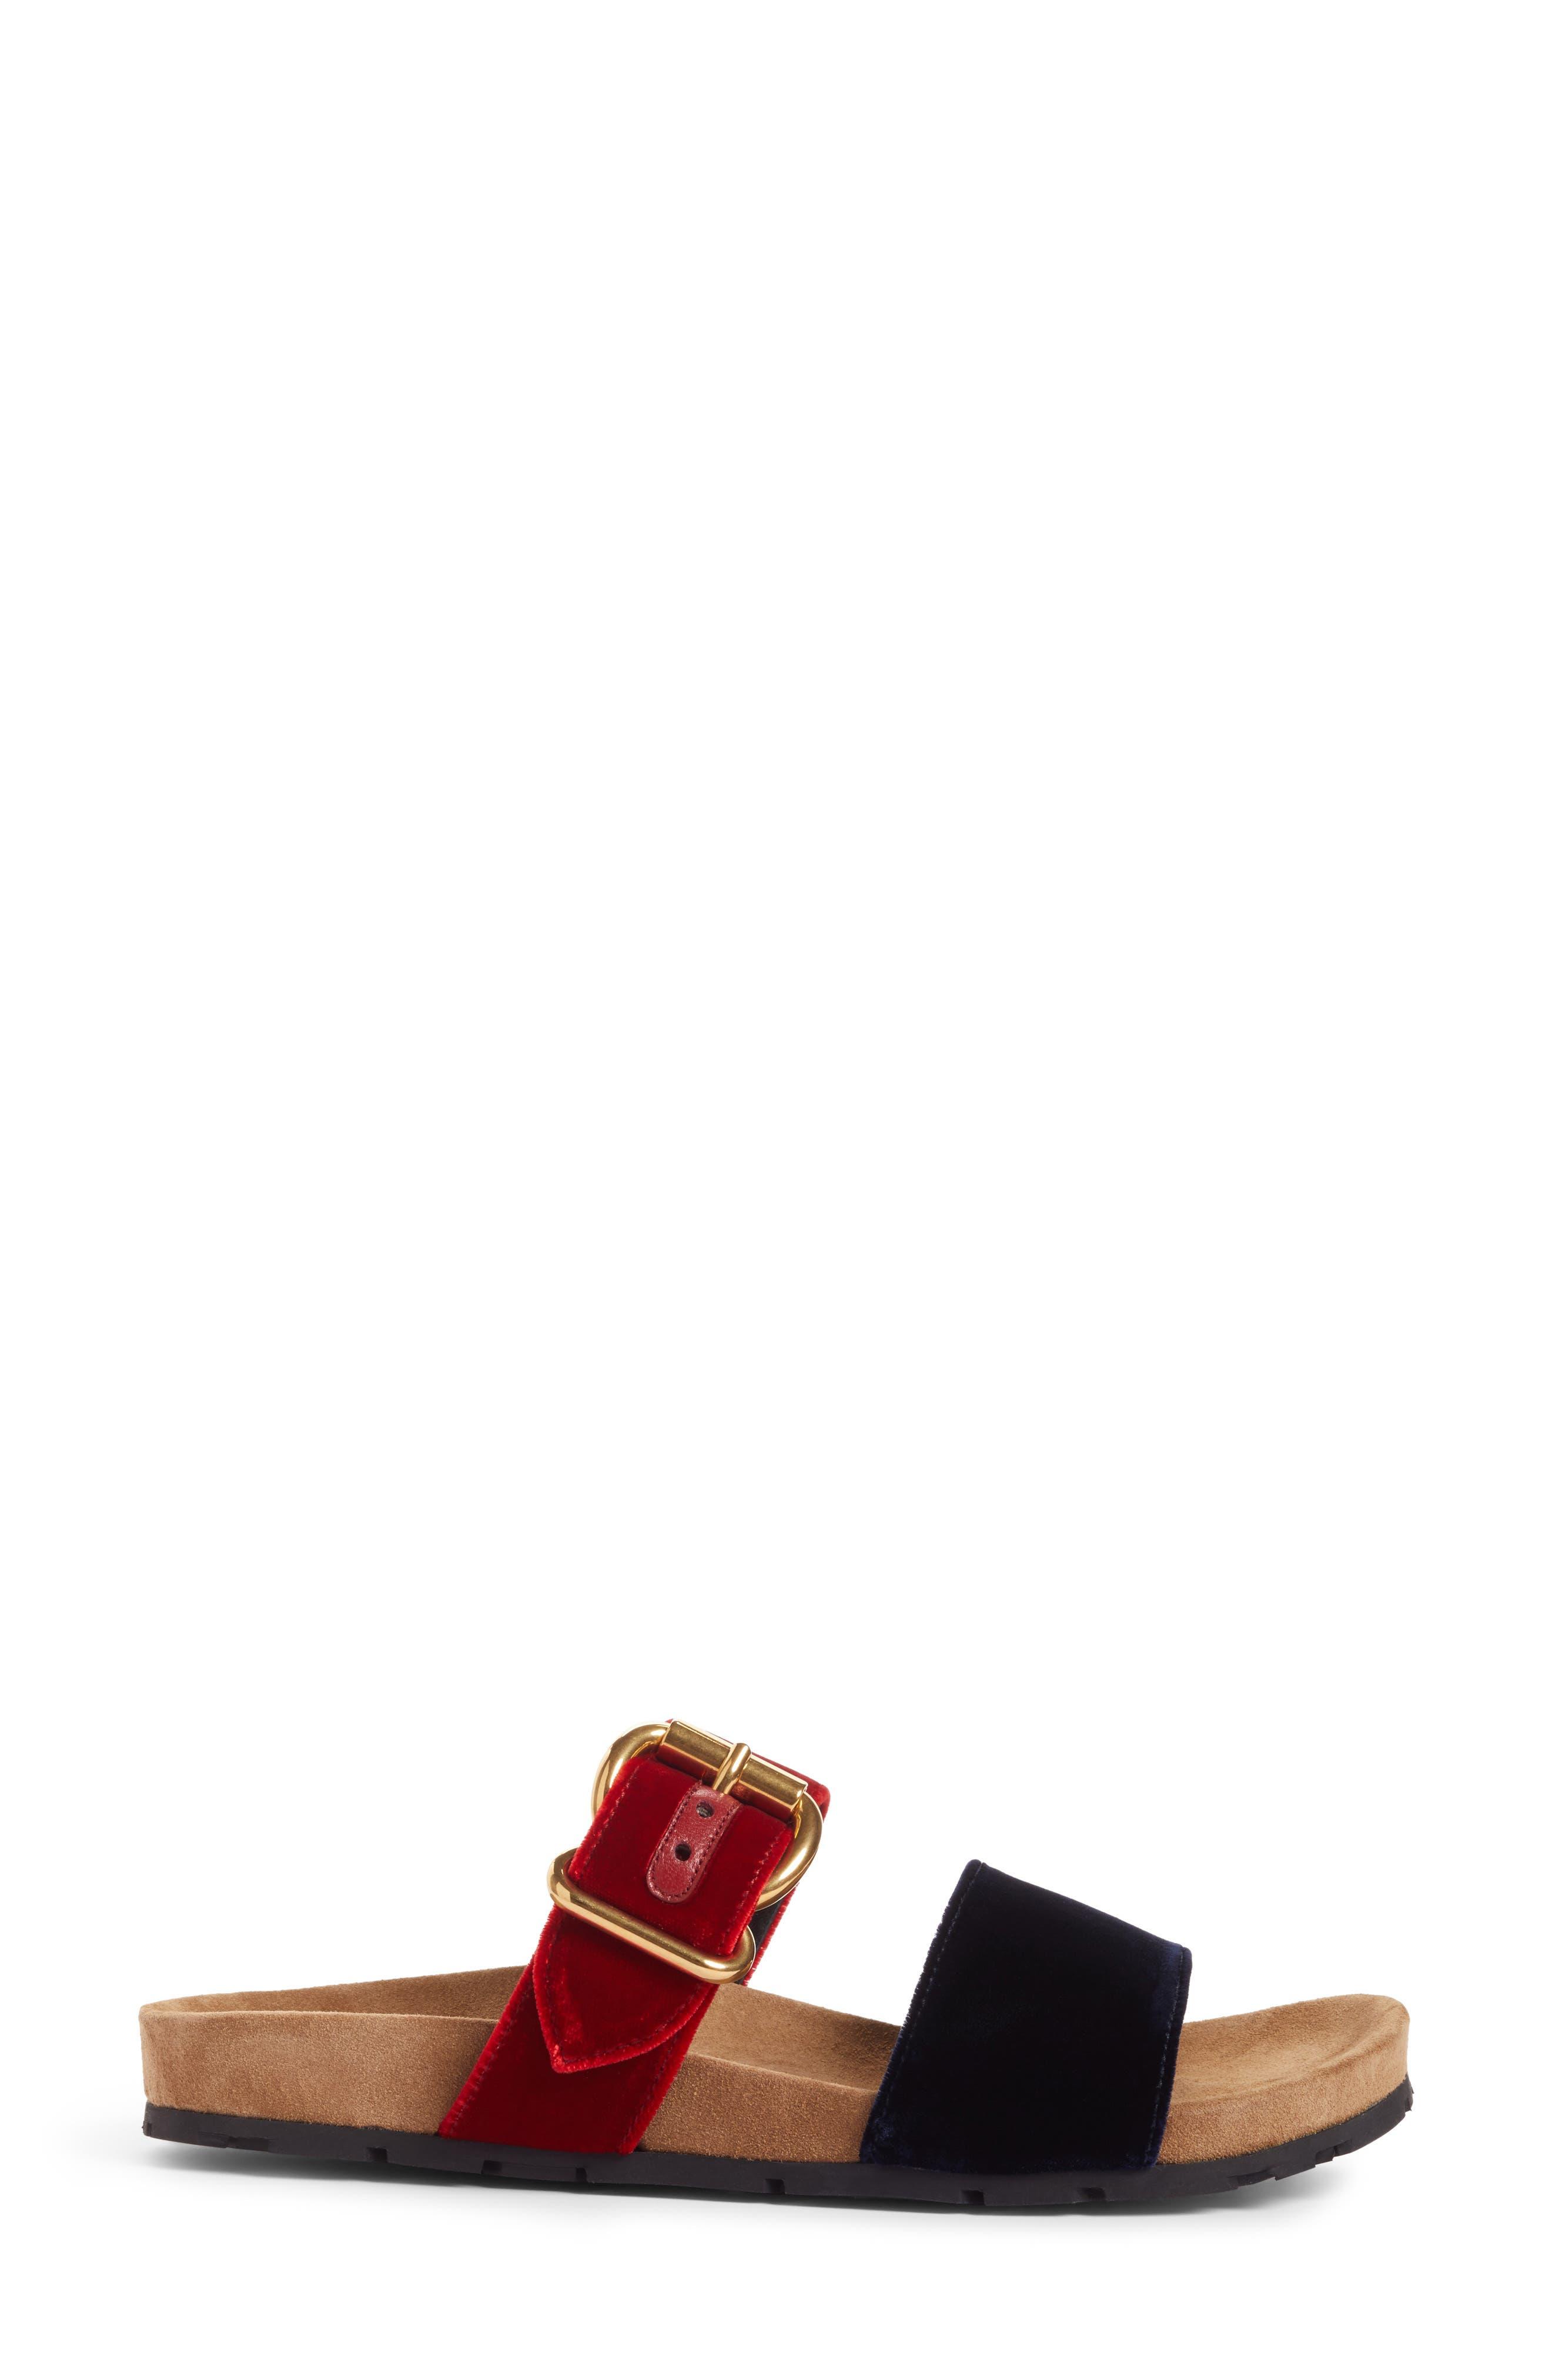 Alternate Image 3  - Prada Double Band Slide Sandal (Women)